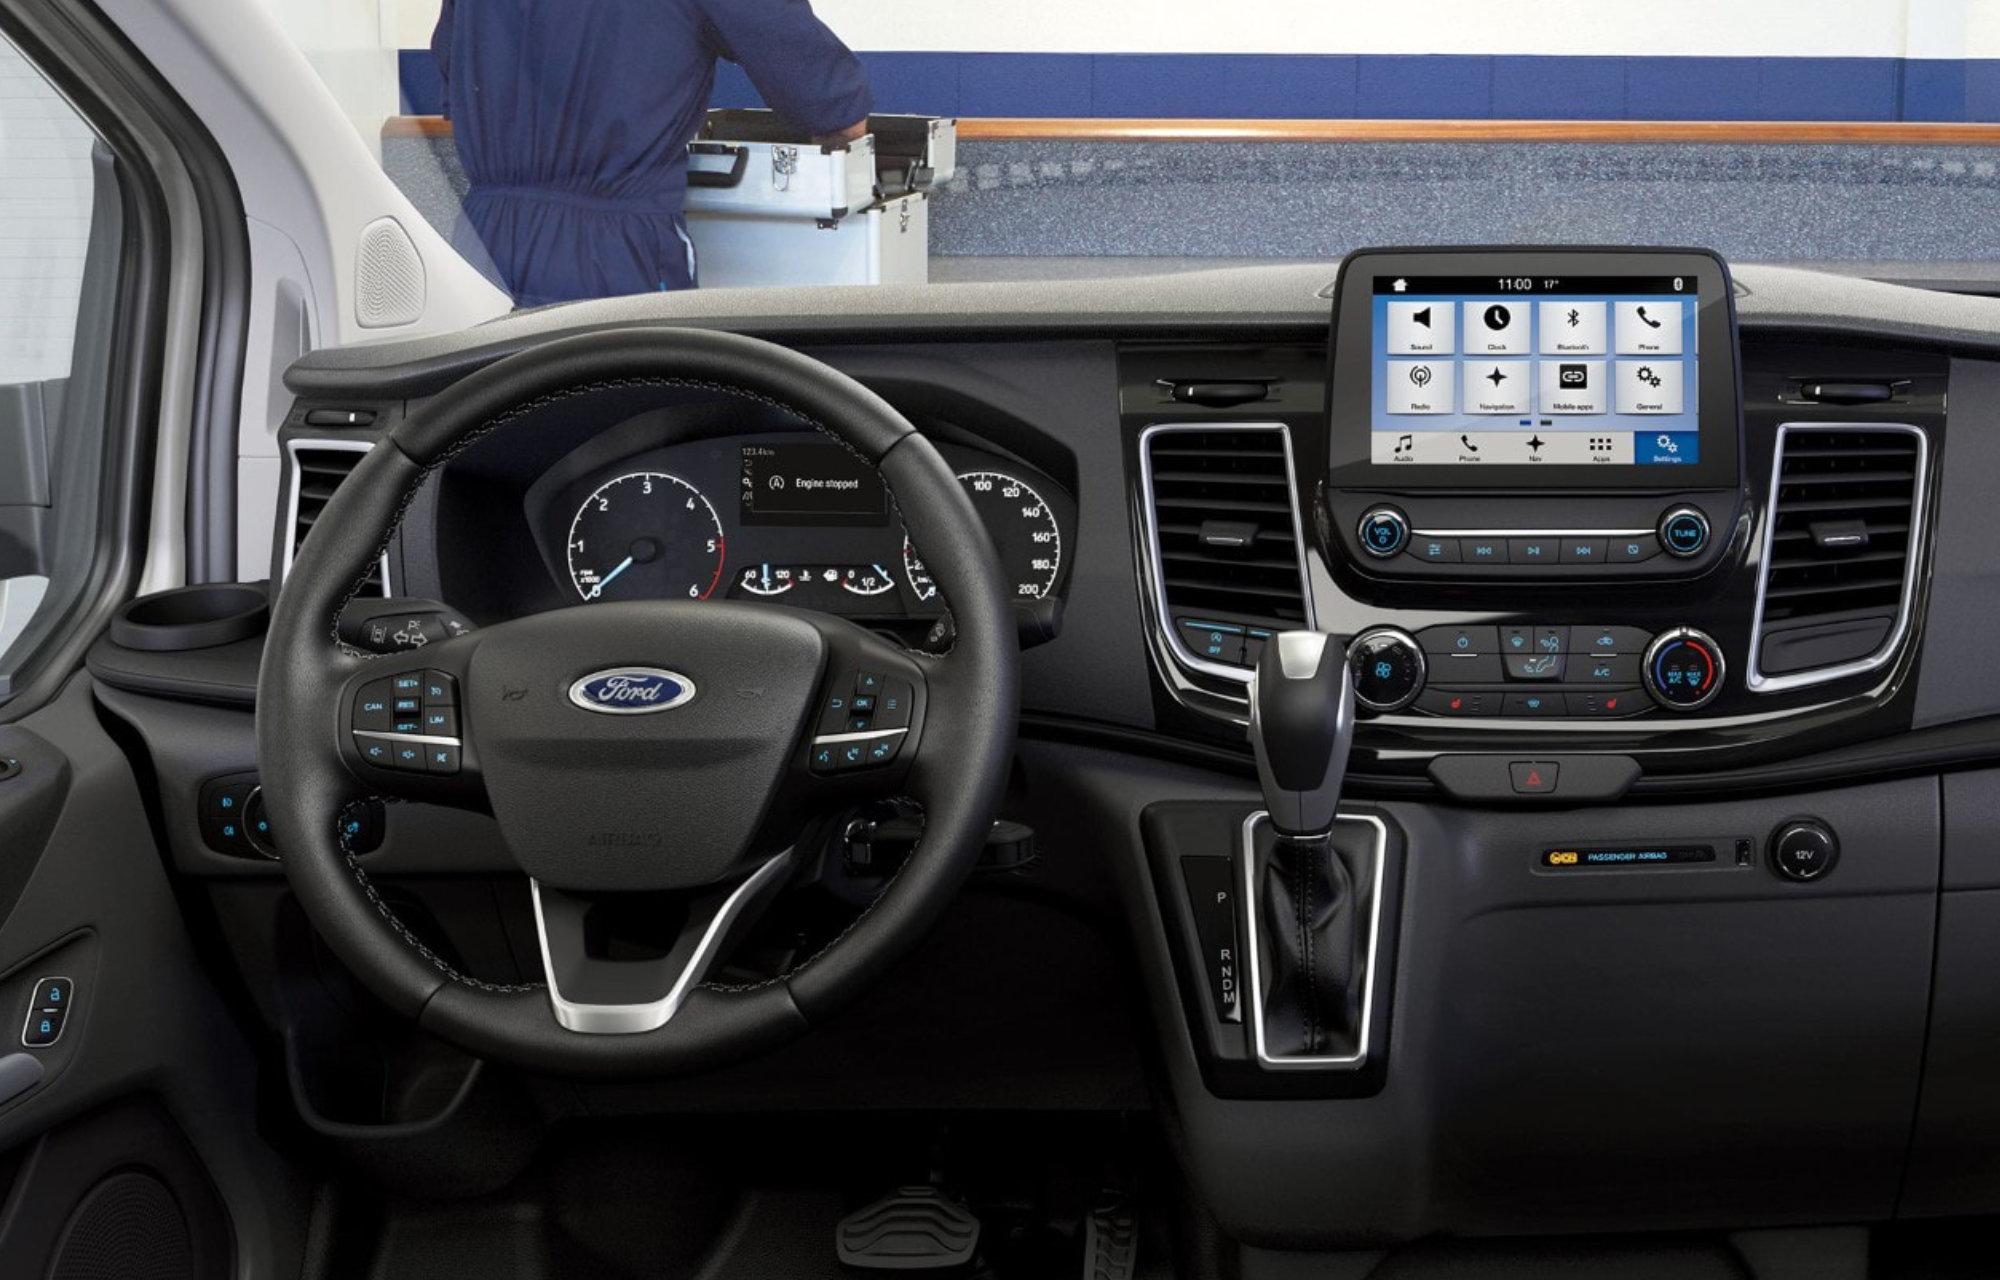 Le Ford Transit Custom équipé du systeme SYNC 3